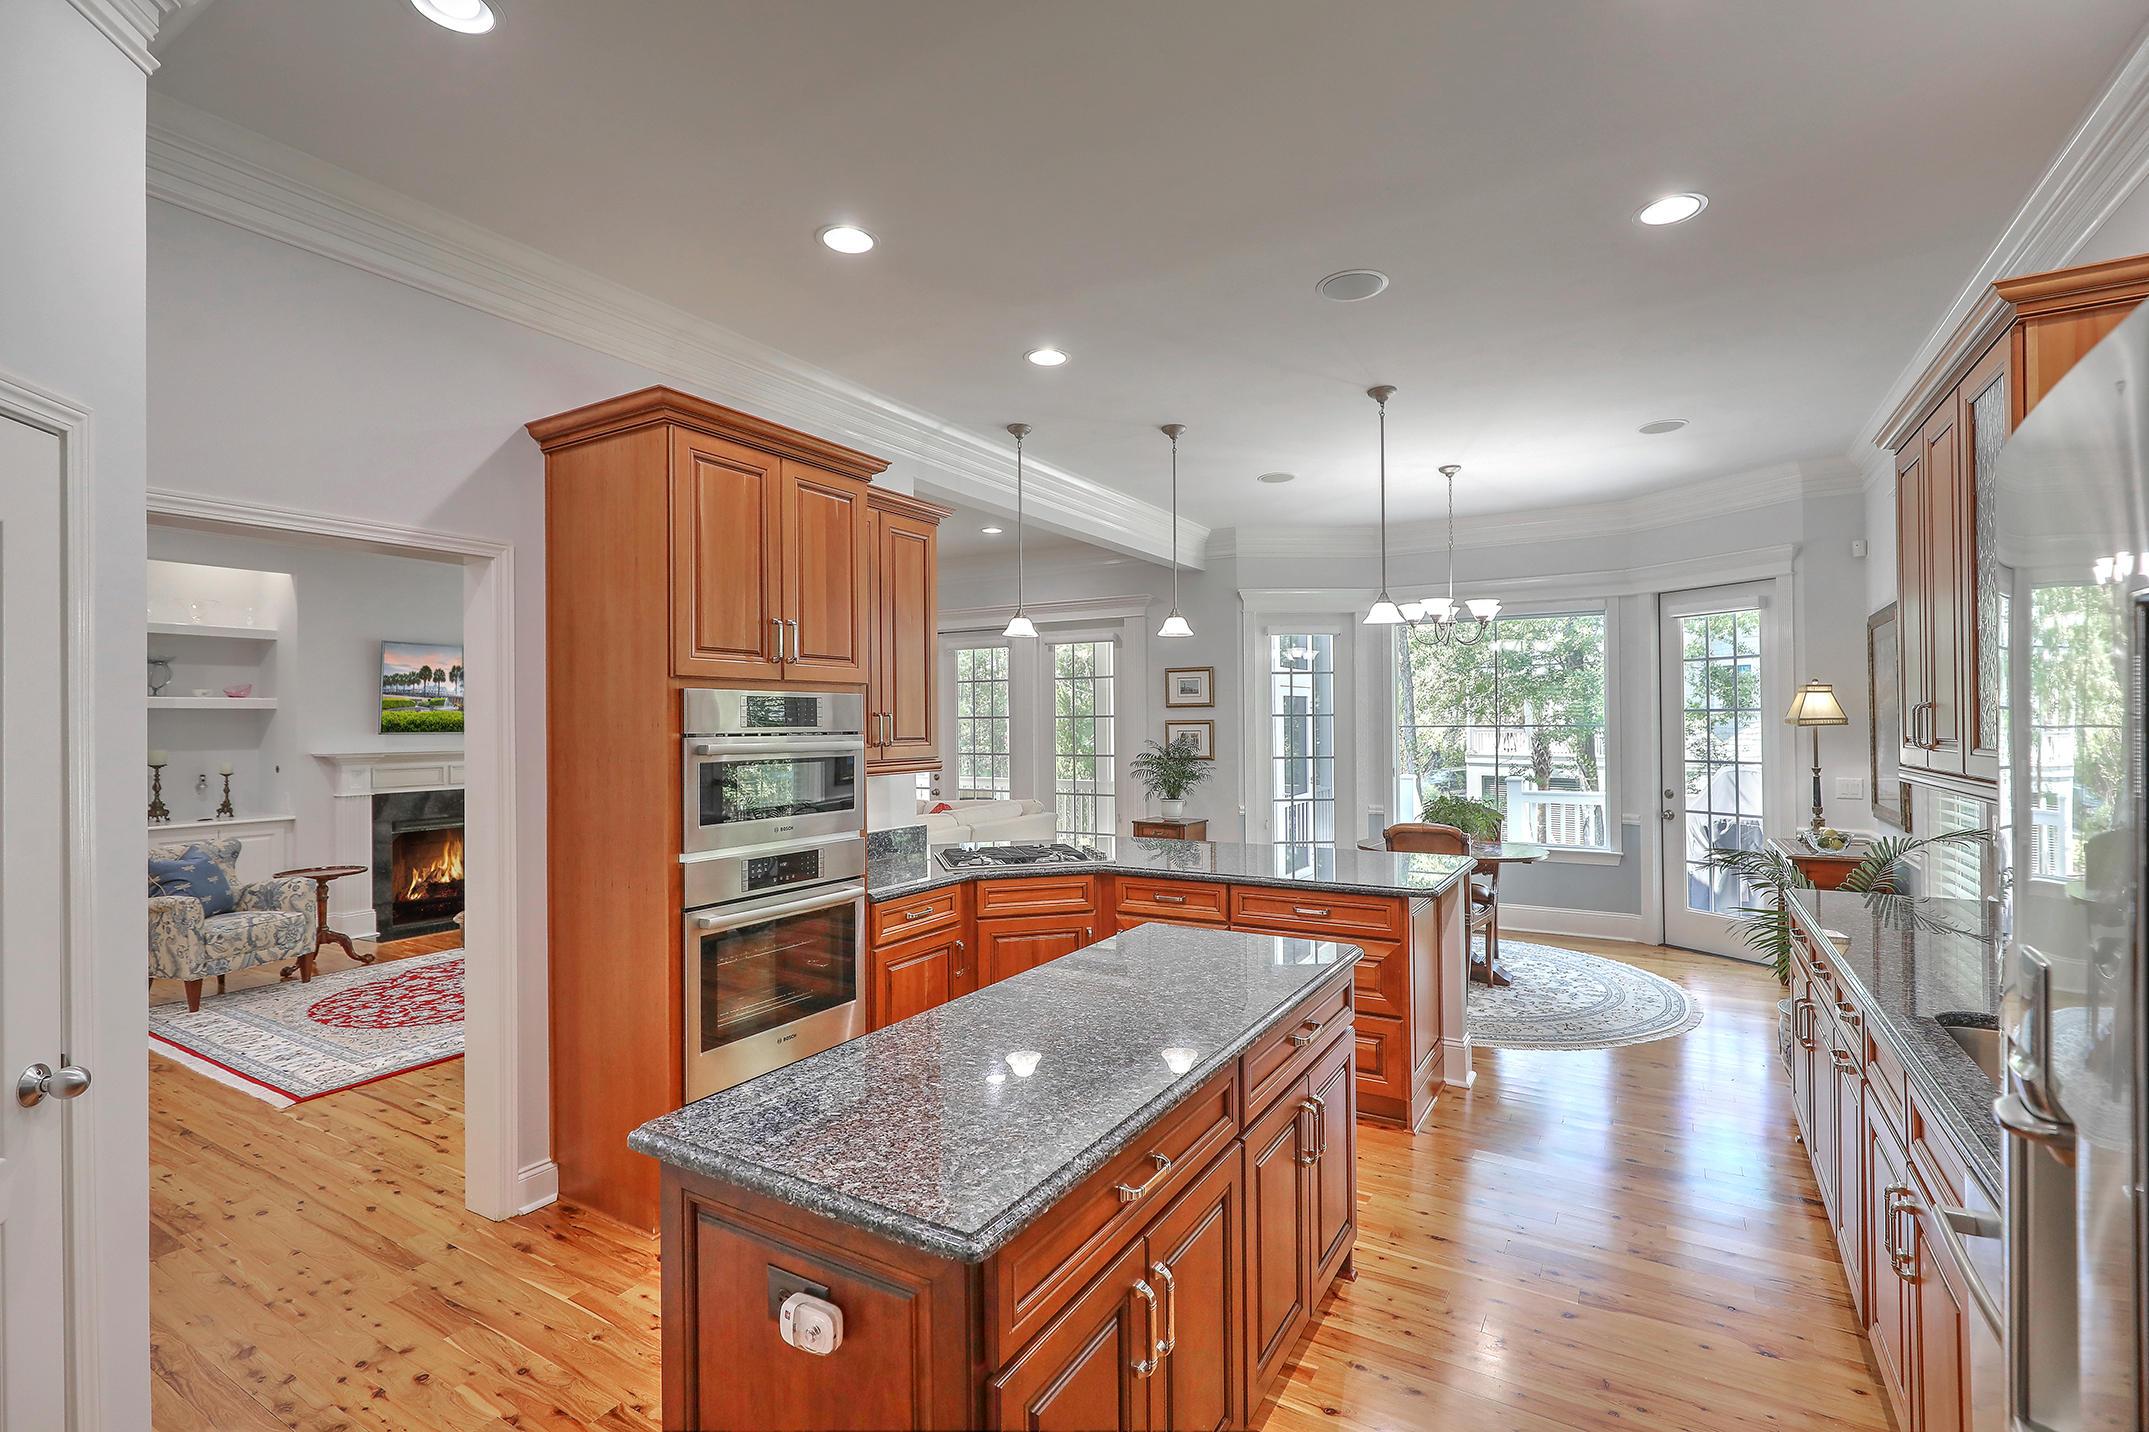 Park West Homes For Sale - 2108 Malcolm, Mount Pleasant, SC - 38